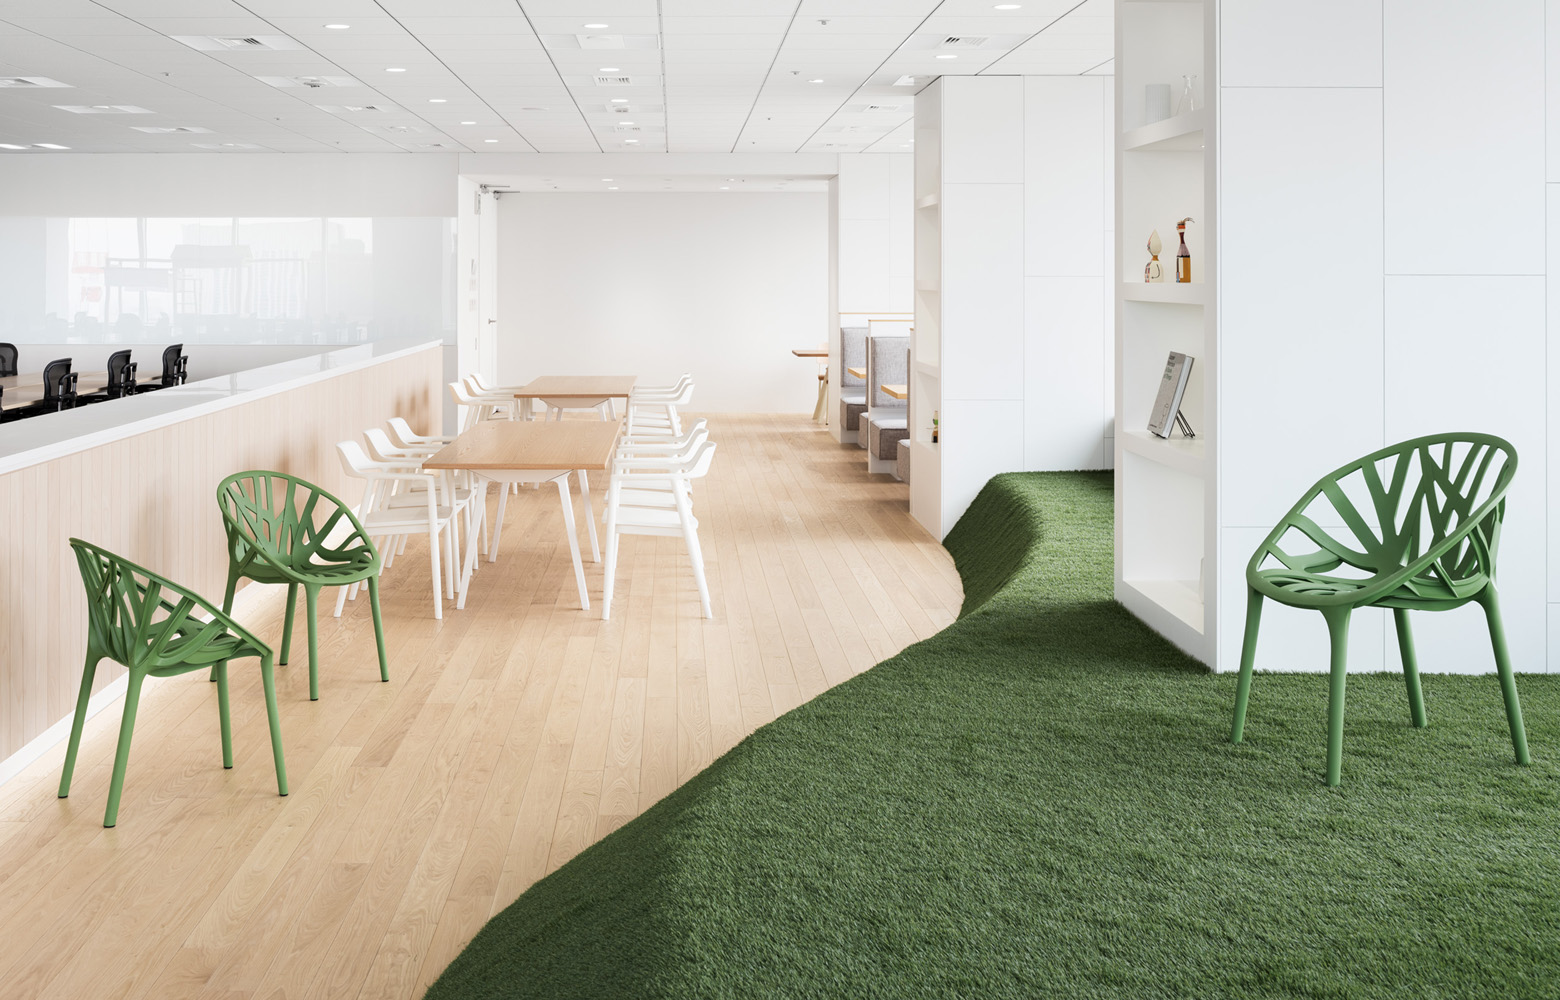 ダイアモンドヘッド株式会社  Sapporo Office Refresh Space デザイン・レイアウト事例